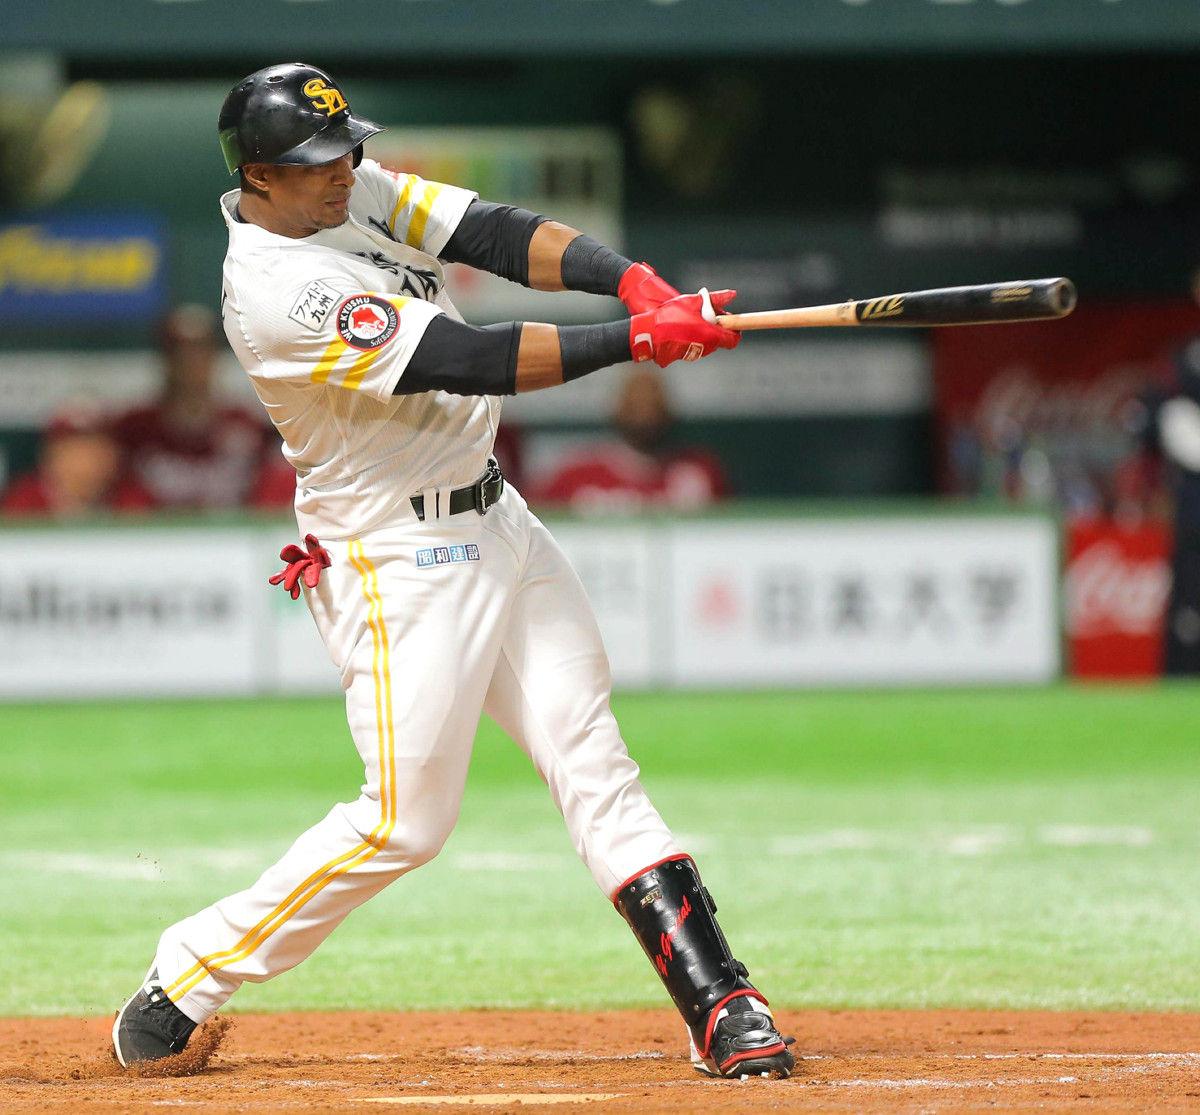 野球】ソフトバンク☆グラシアル・デスパイネの快打で逆転勝利